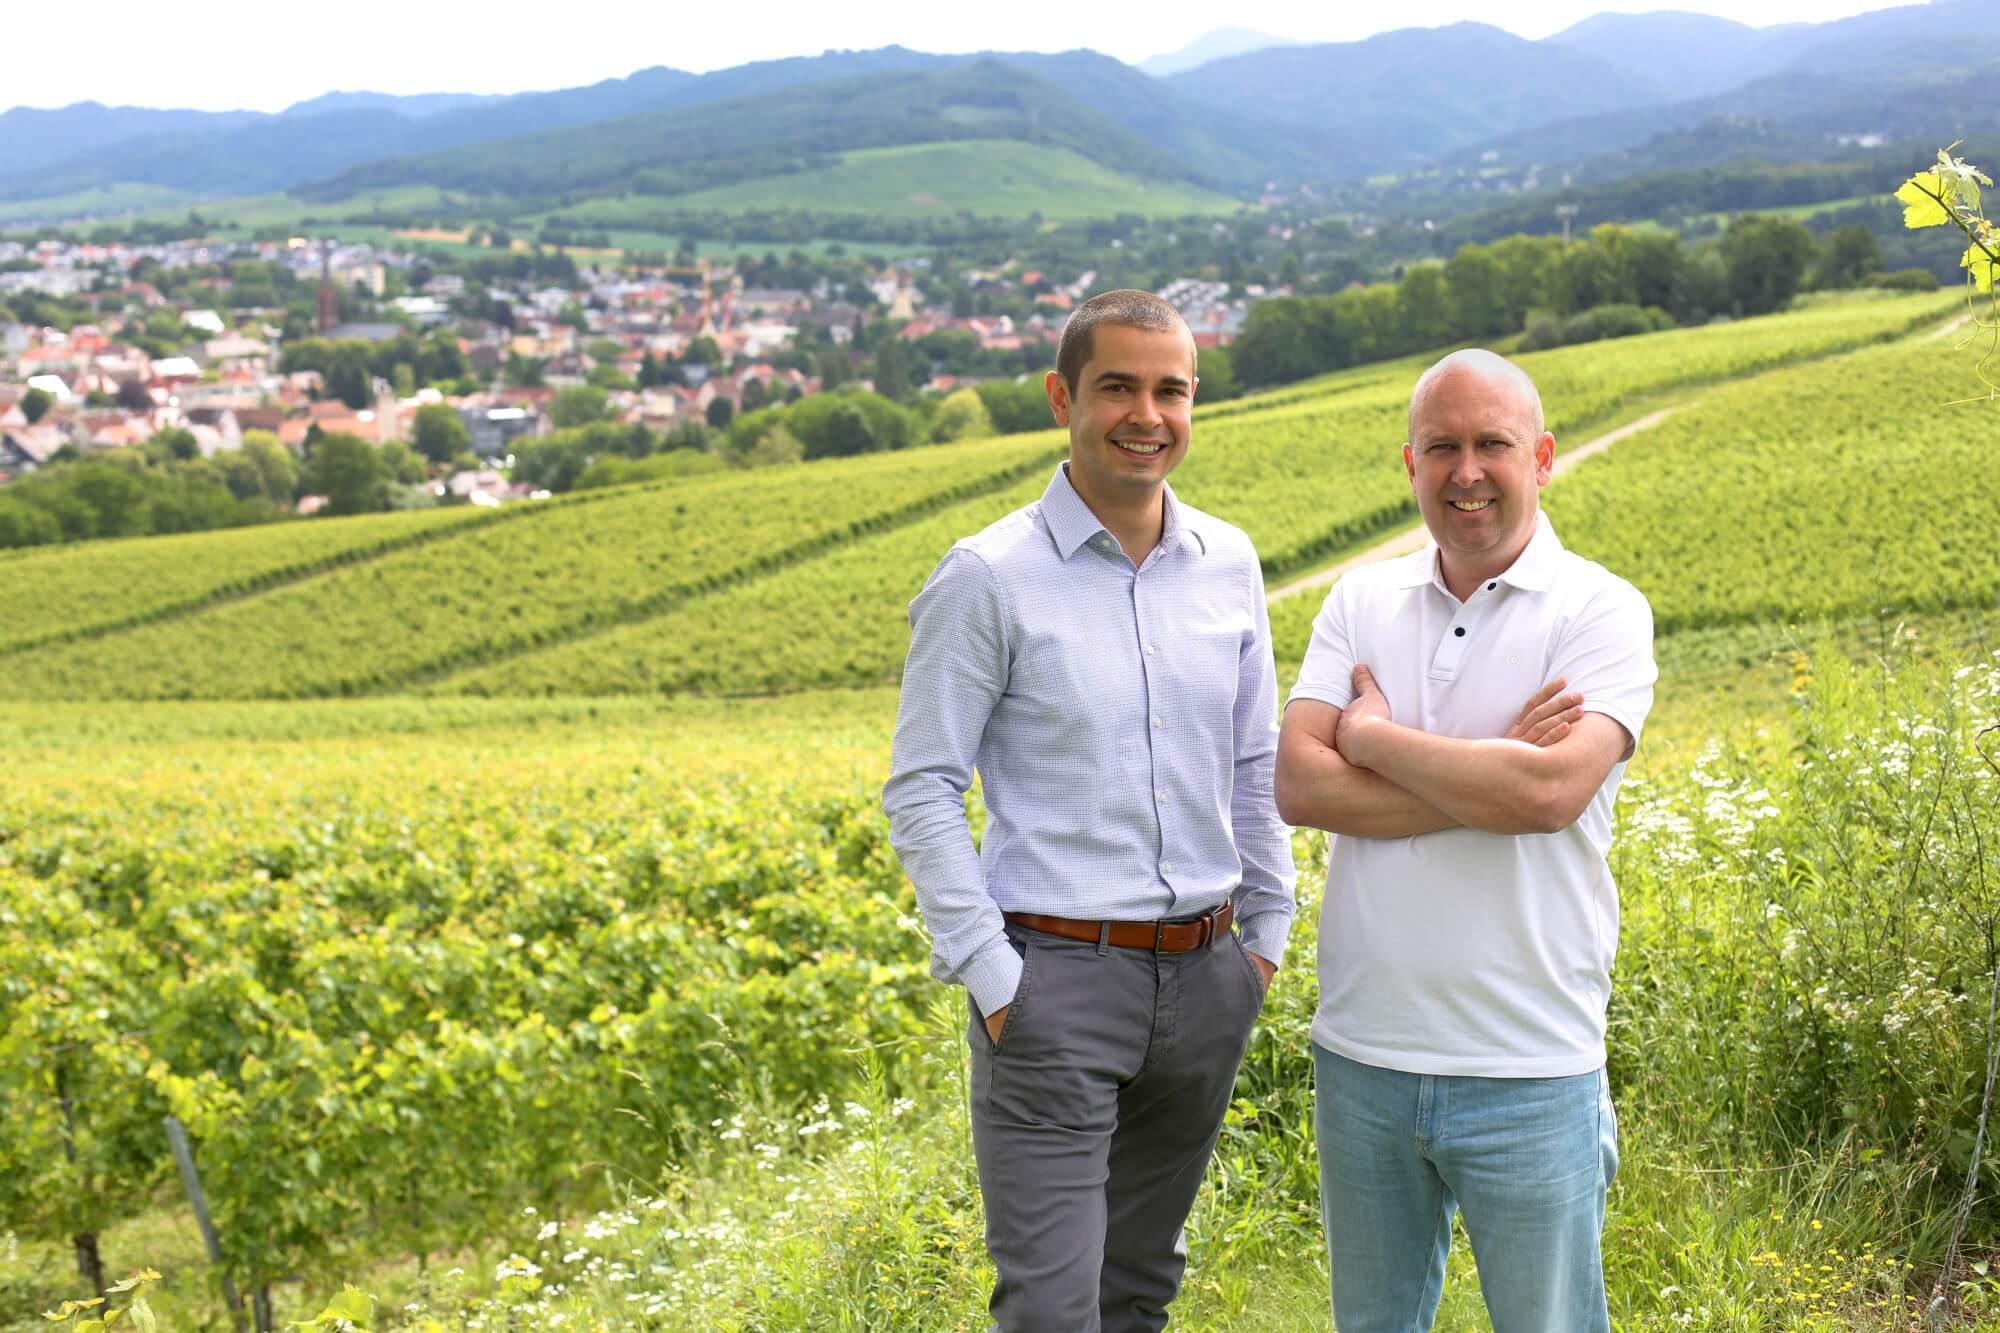 Ihre Ansprechpartner zum Thema Sozialversicherung für Grenzgänger in die Schweiz